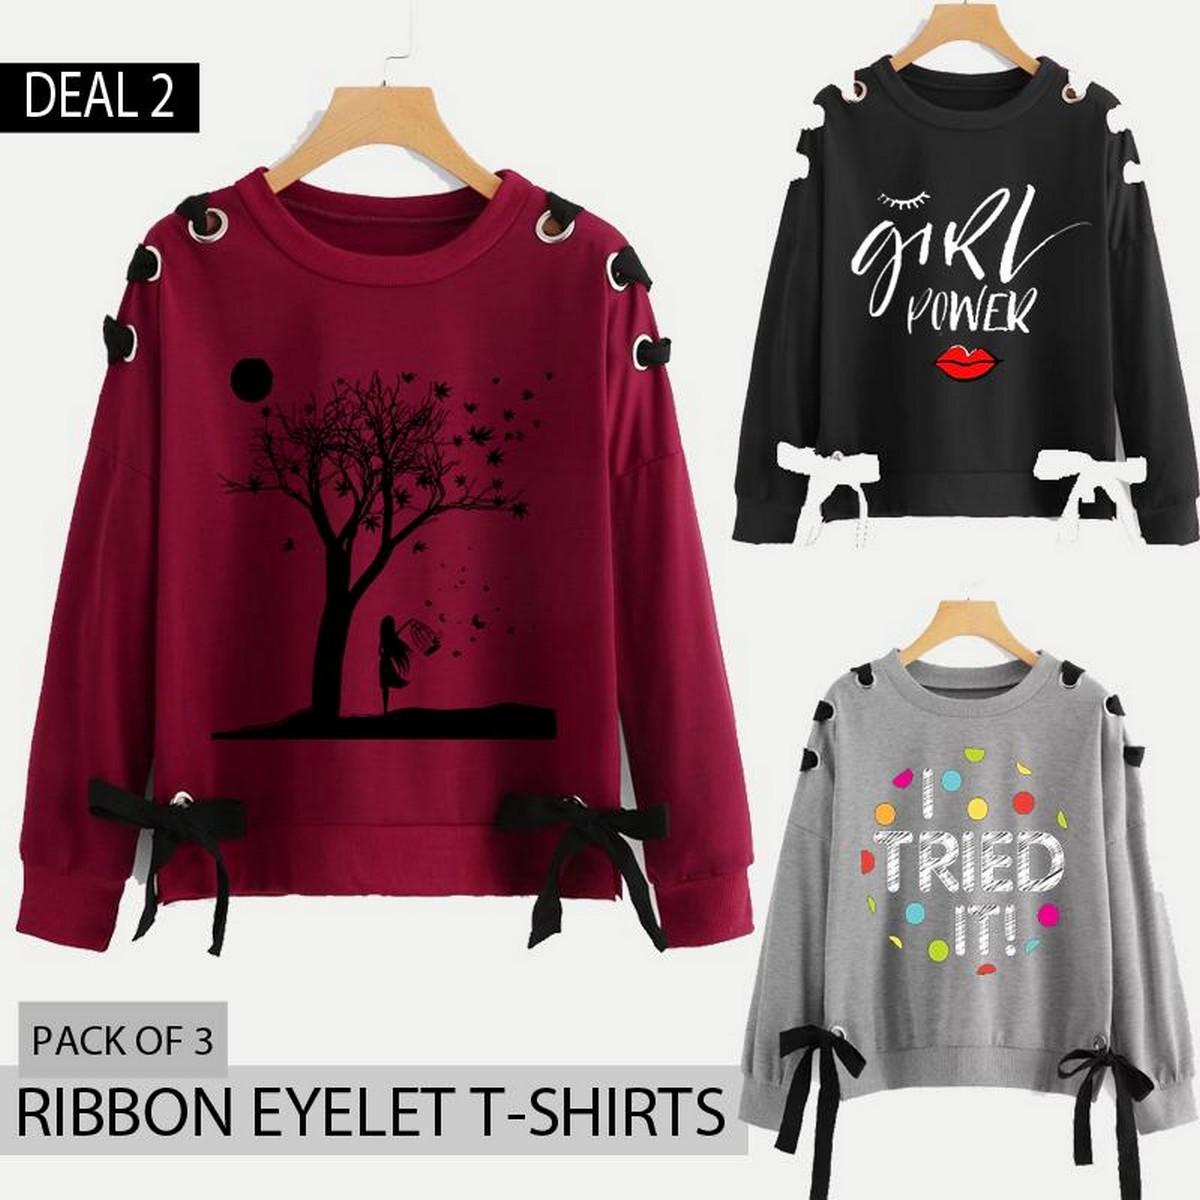 Pack of 3 Ribbon Eyelet Printed Sweat Shirts Deal-2